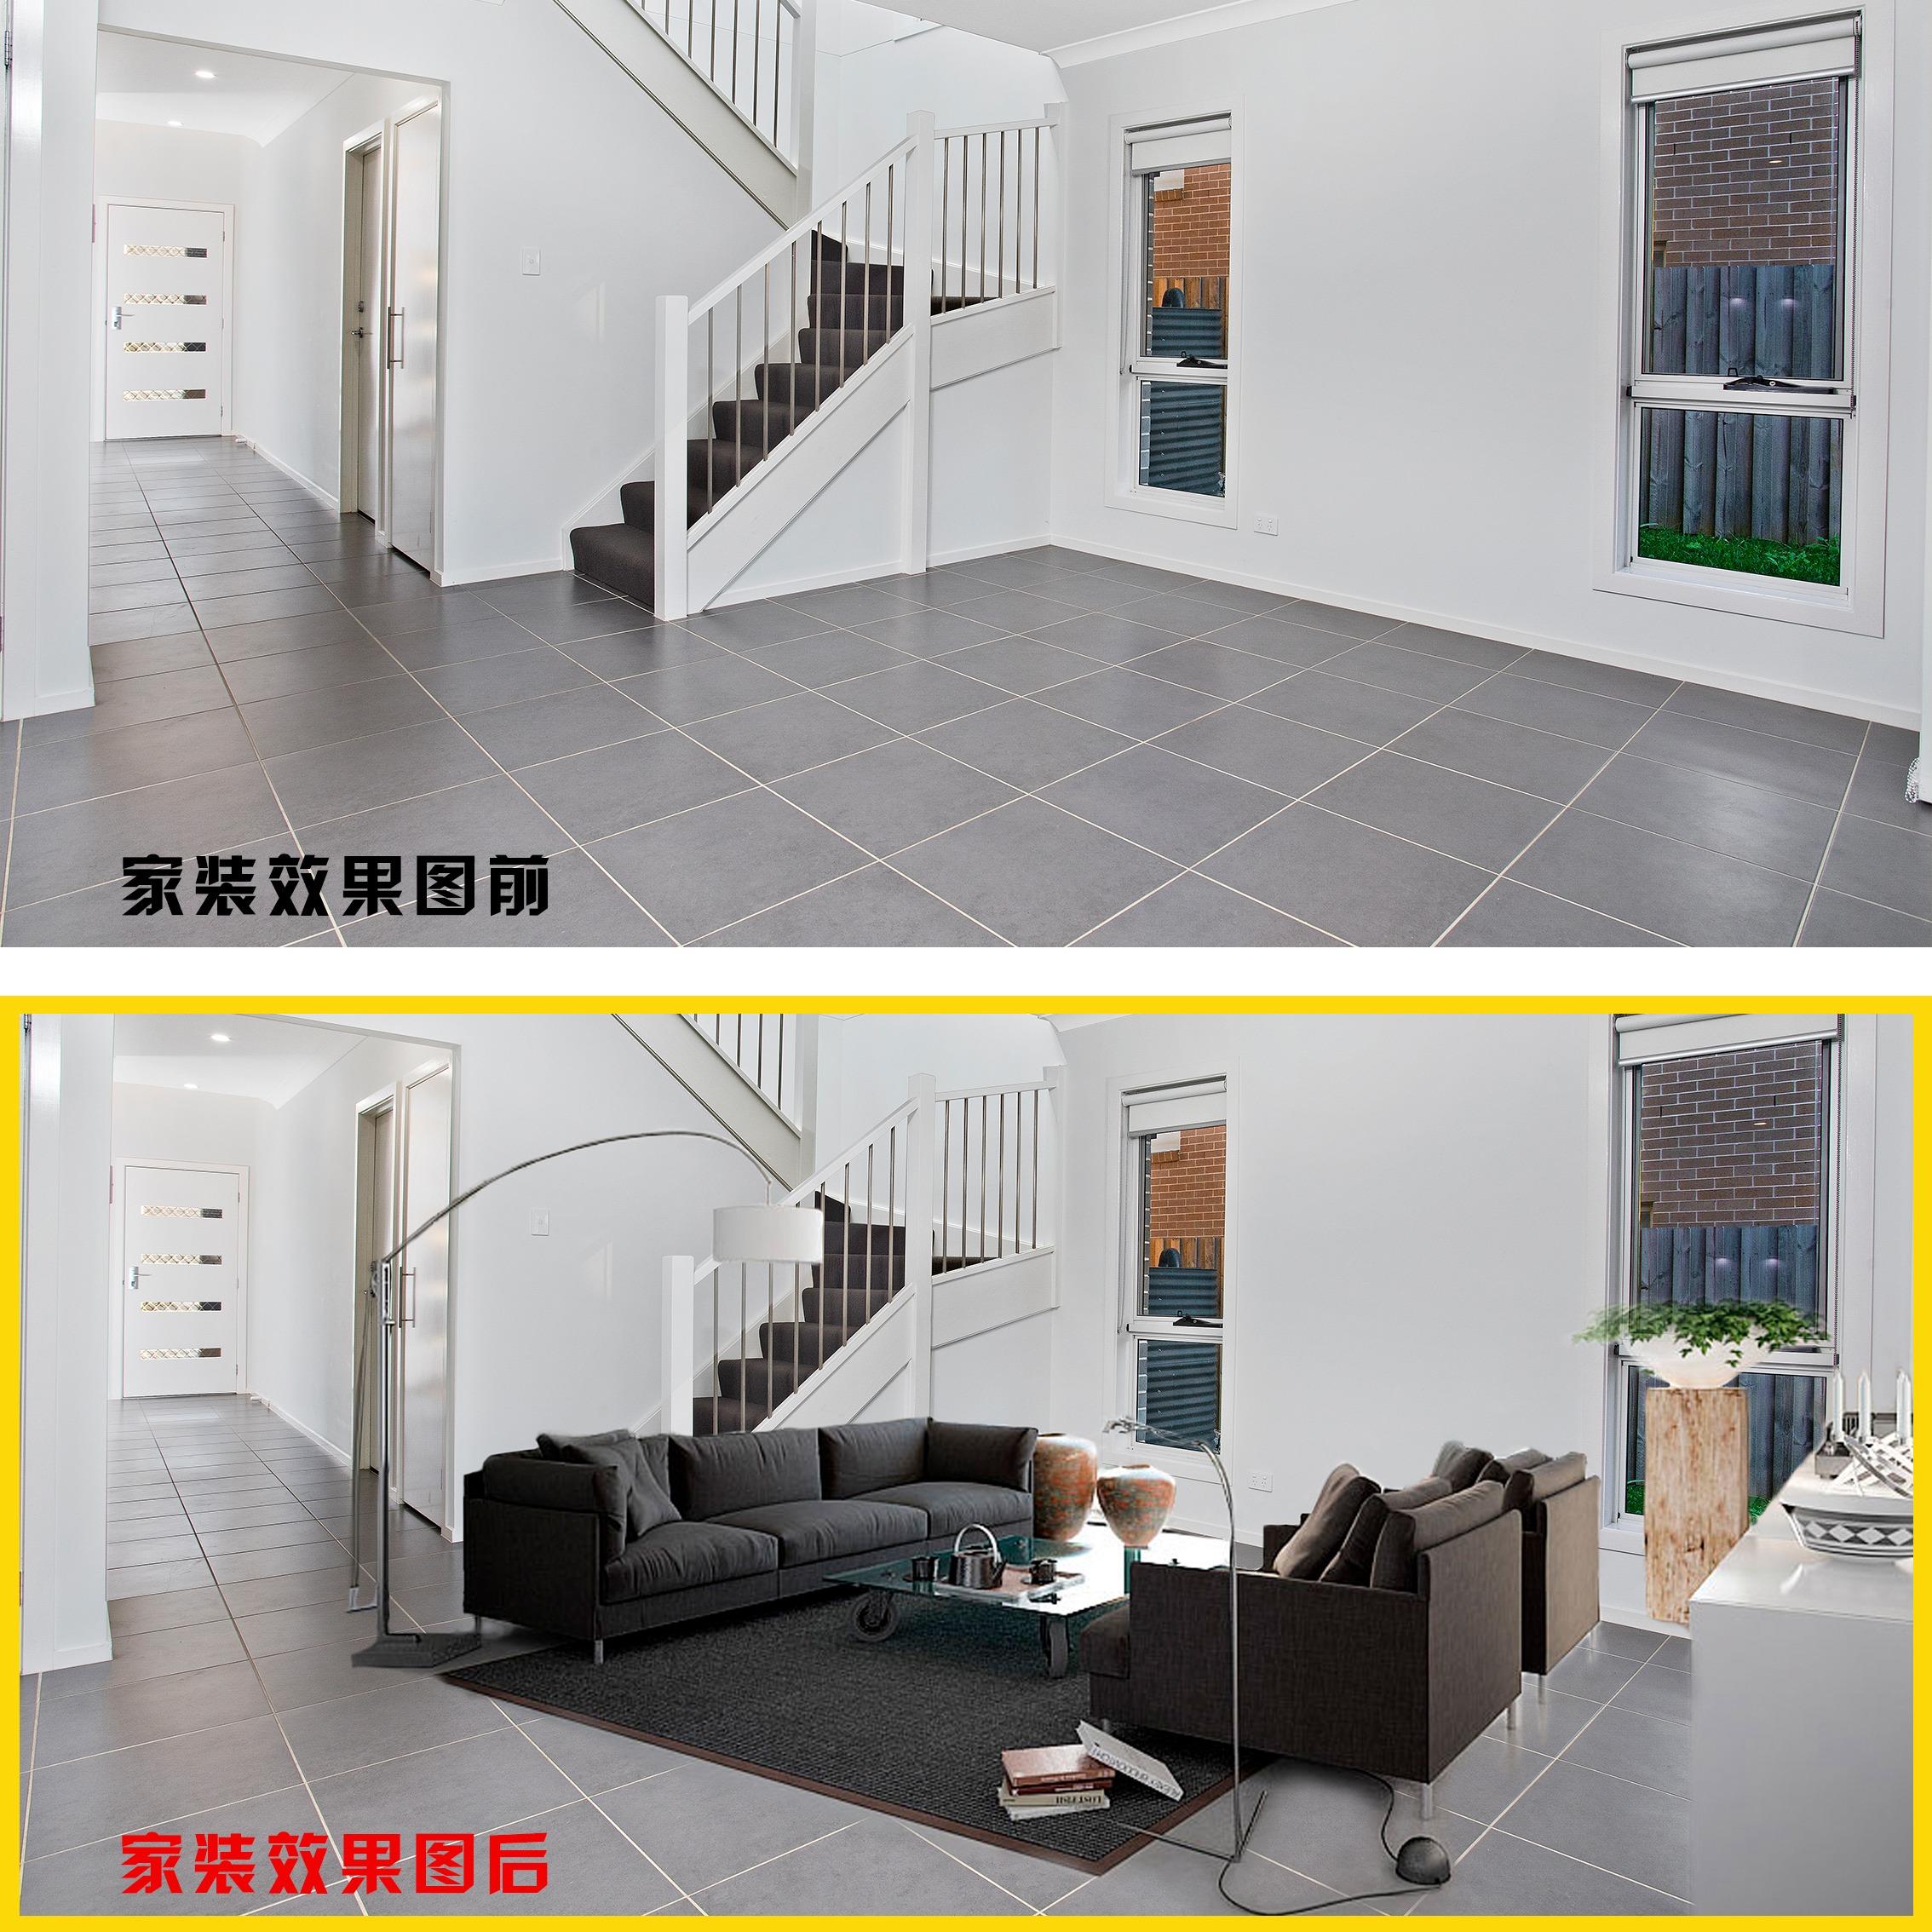 产品外观精修P家装修室内效果图办公室/展厅/外景/工程效果图